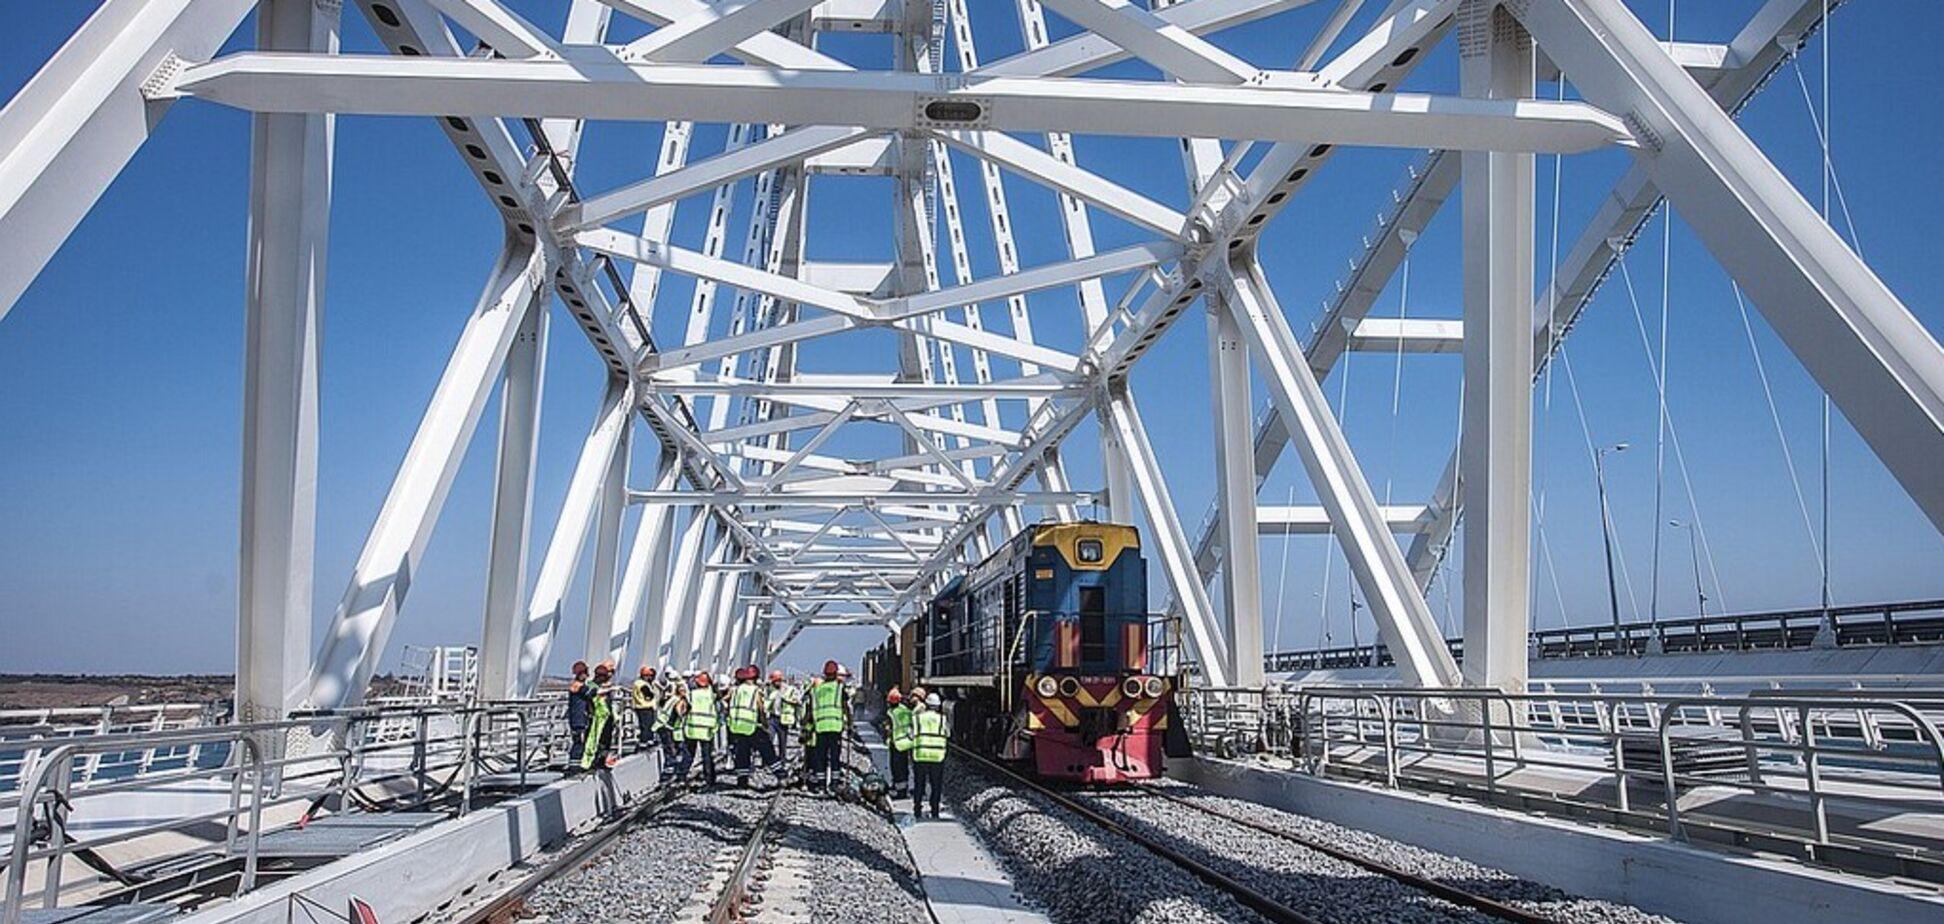 'Ядерная' опасность Крымского моста: генерал сделал заявление